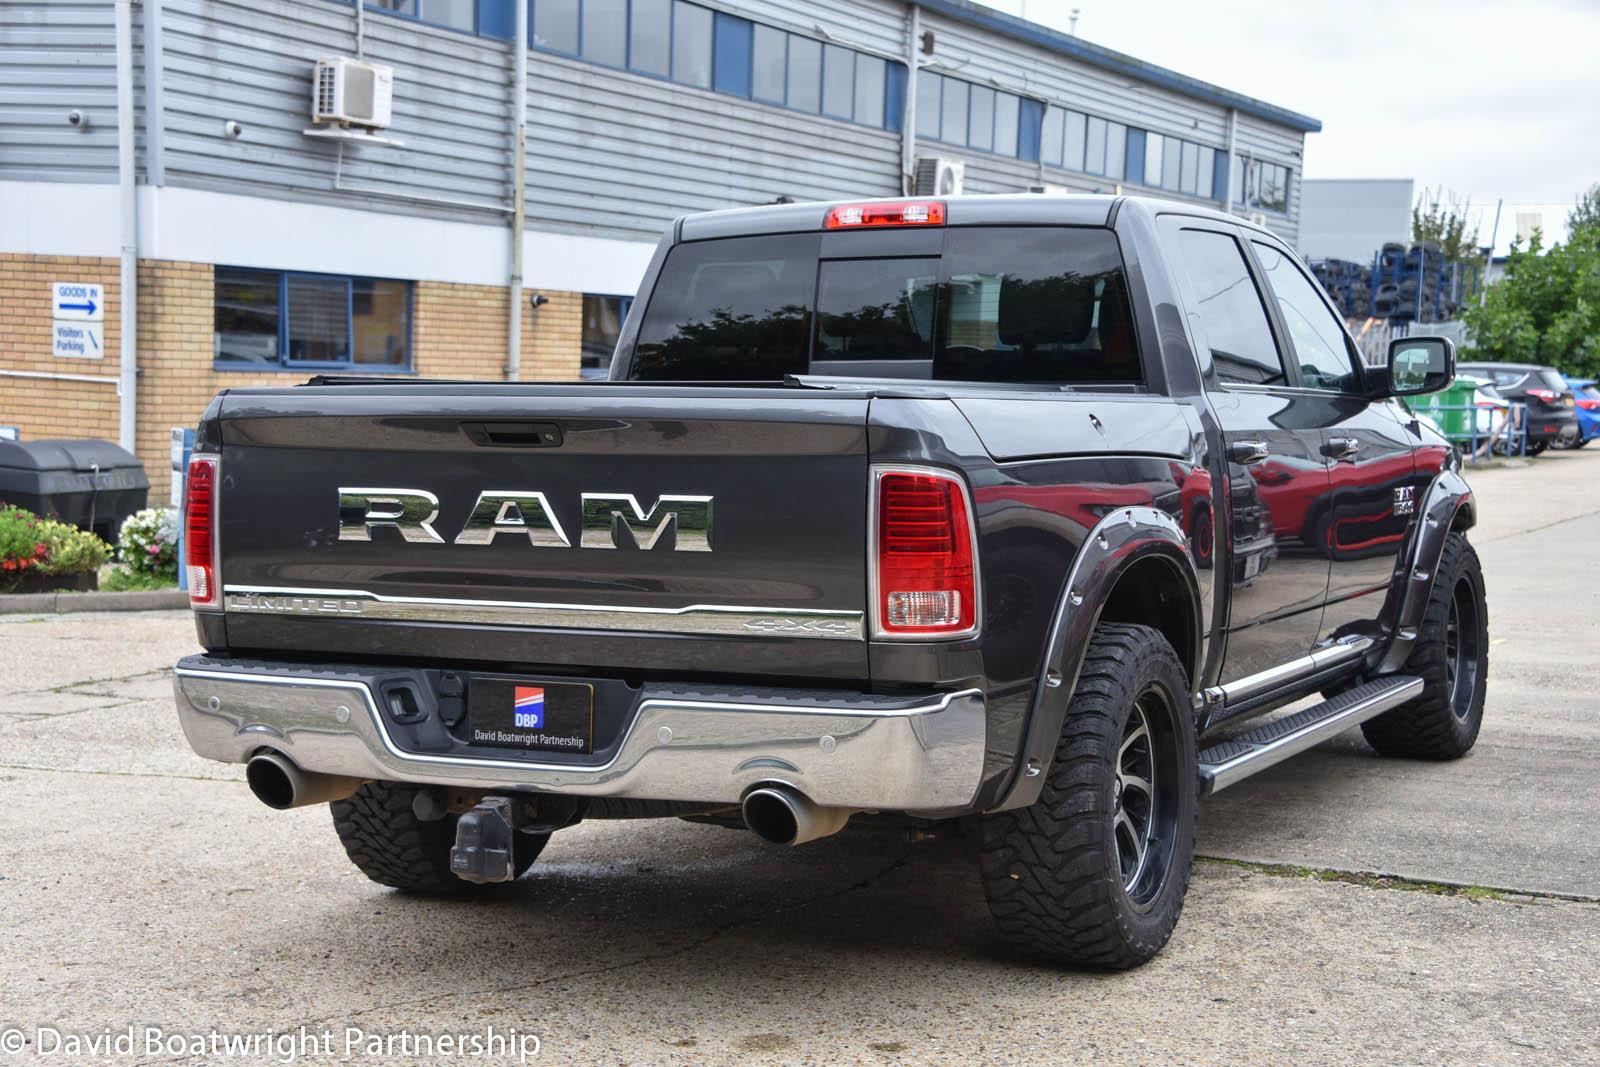 2016 RAM Limited Rambox